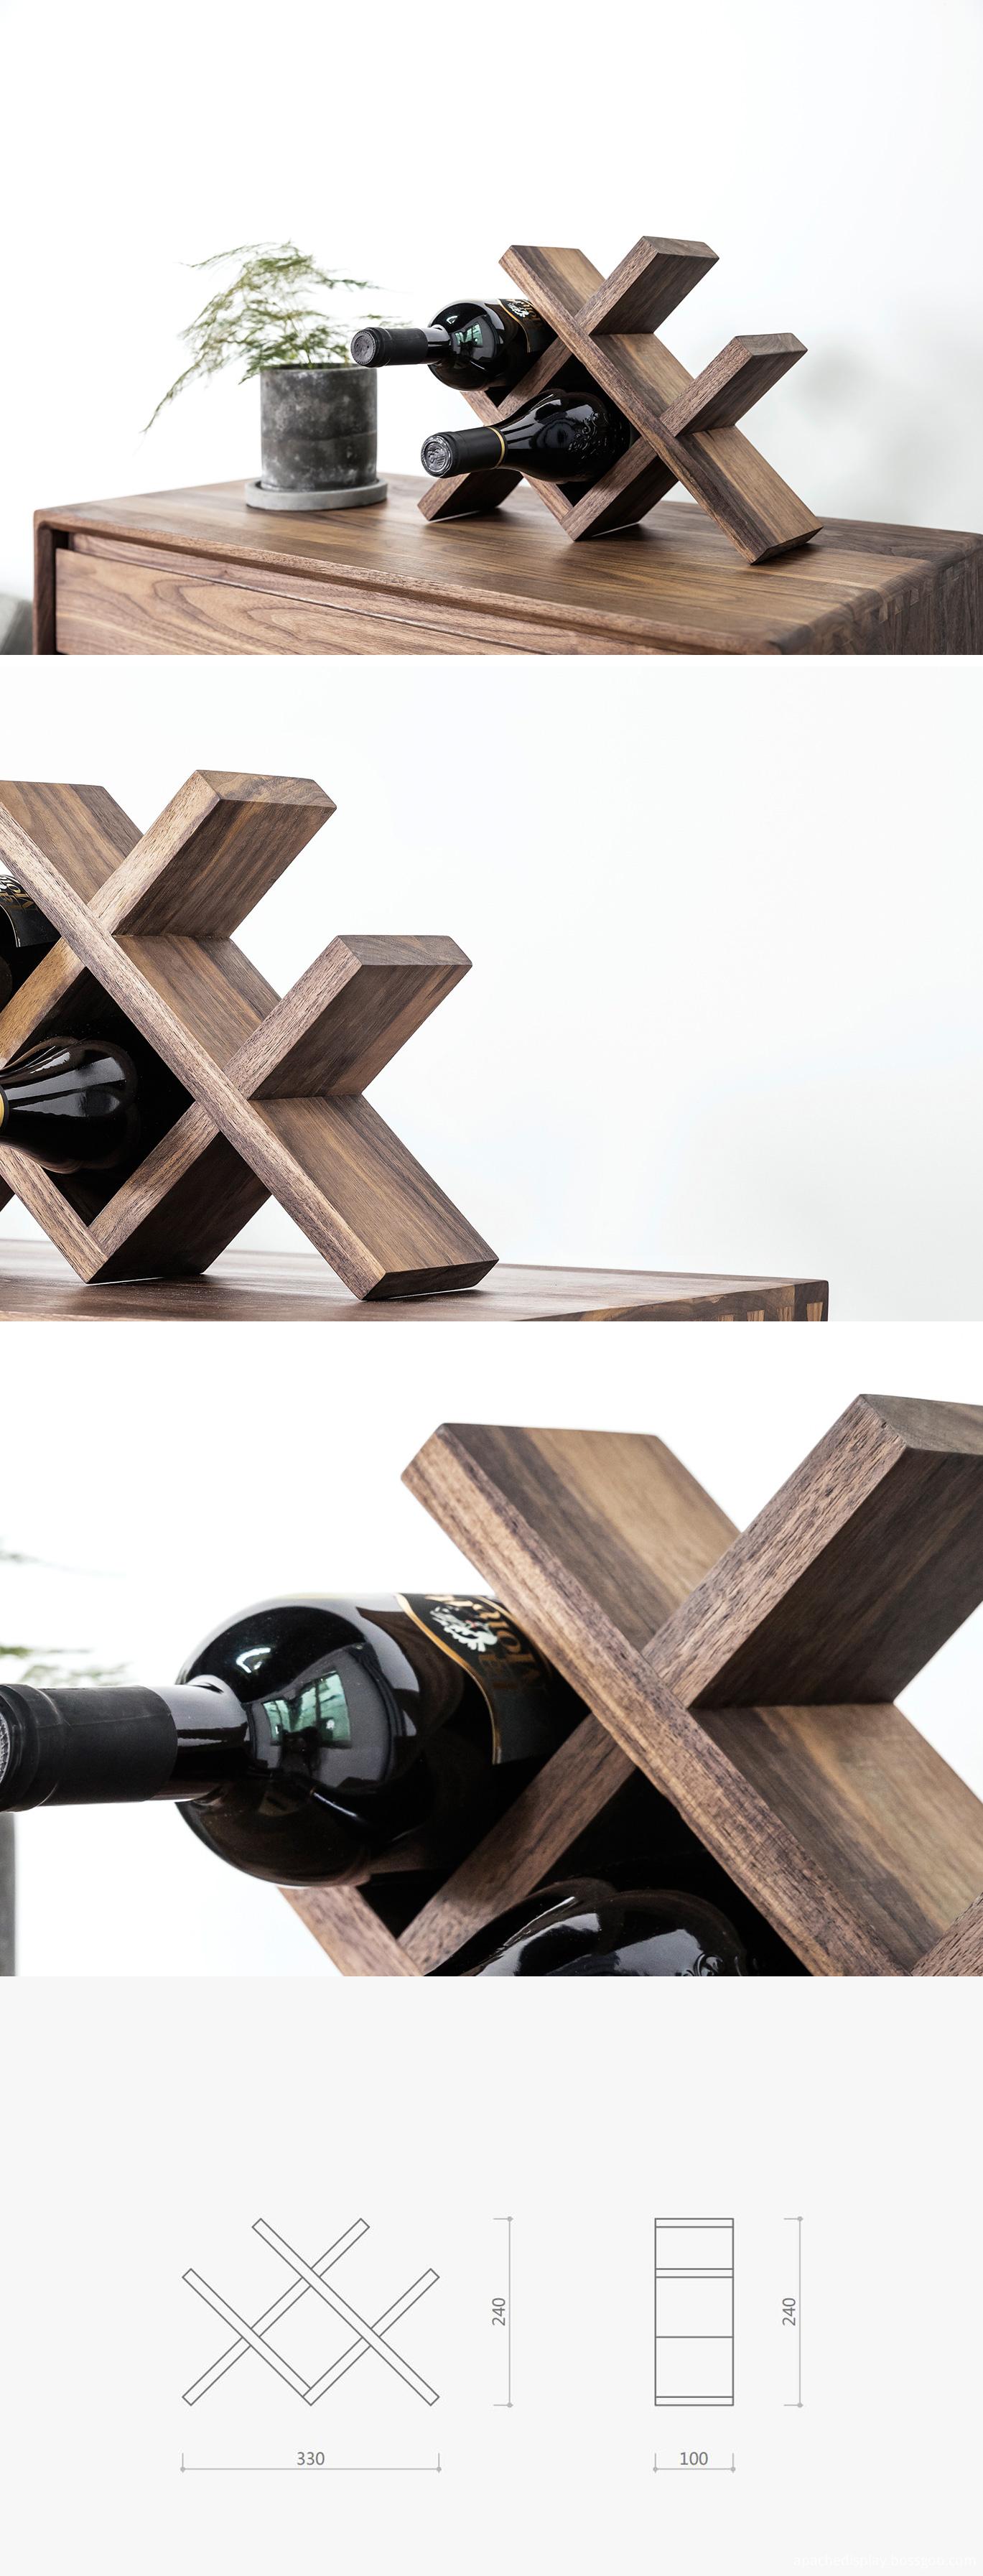 Wooden Counter Wine Rack